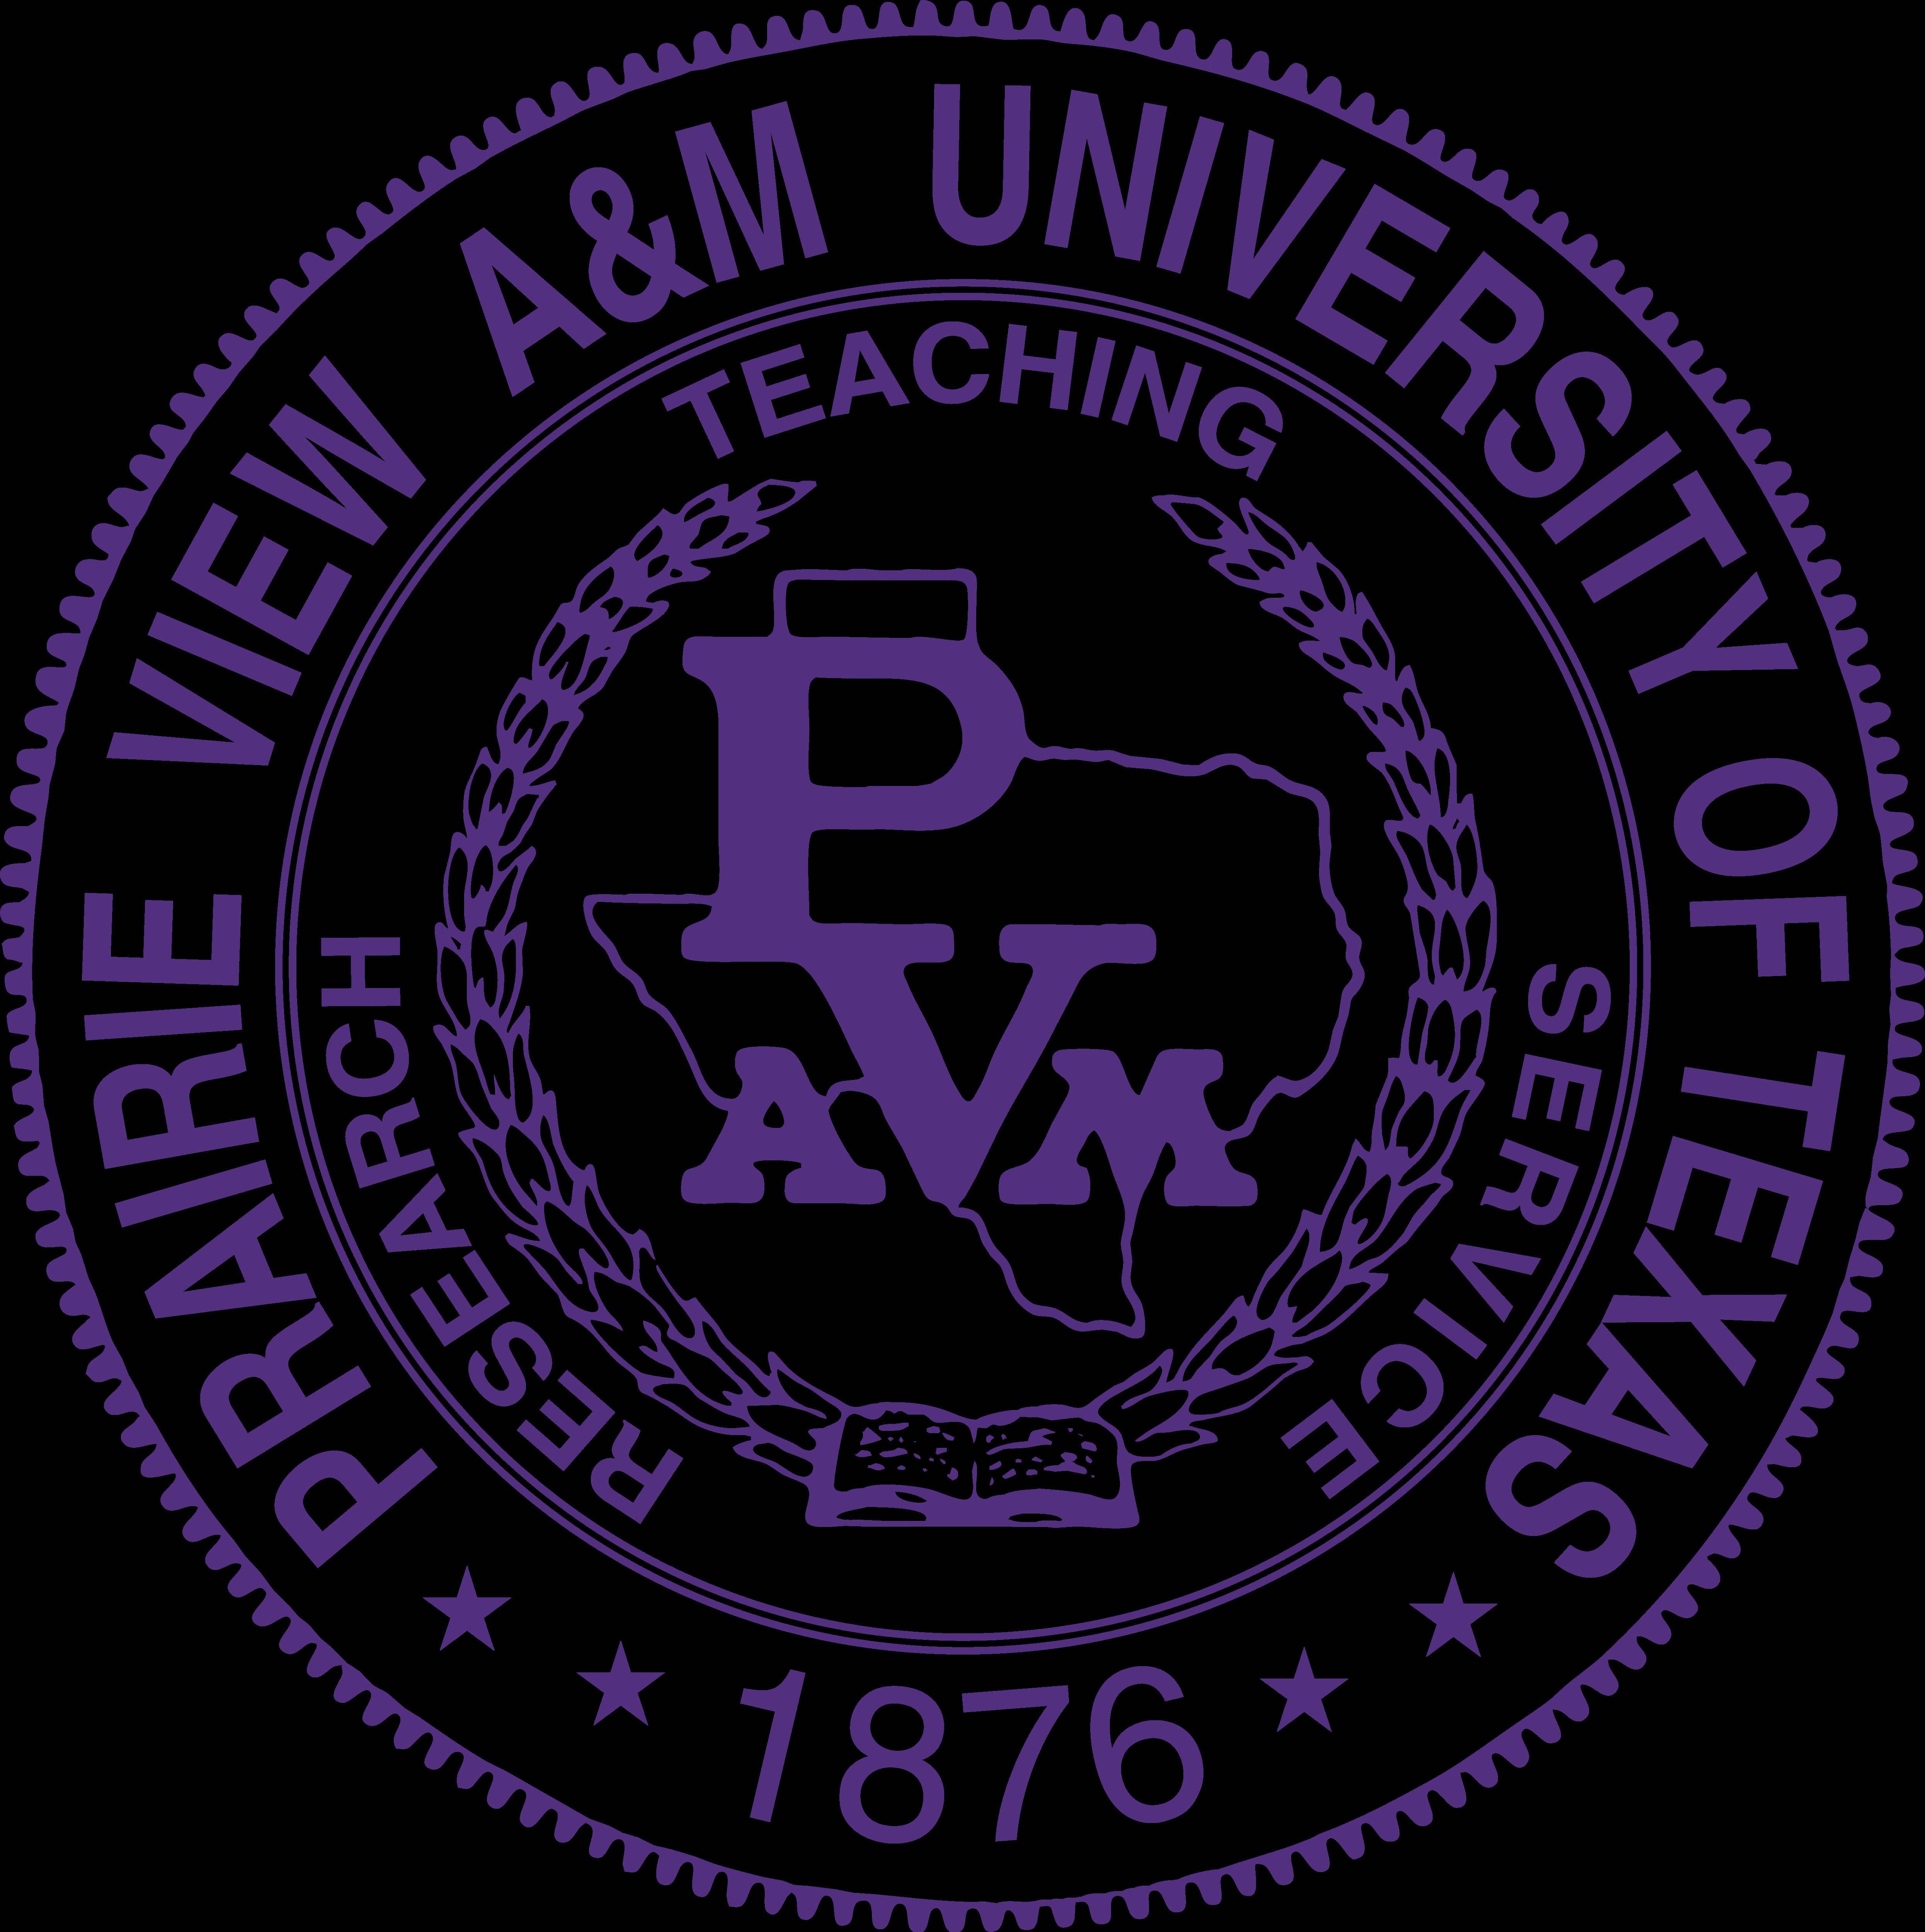 Prairie View A&M University.